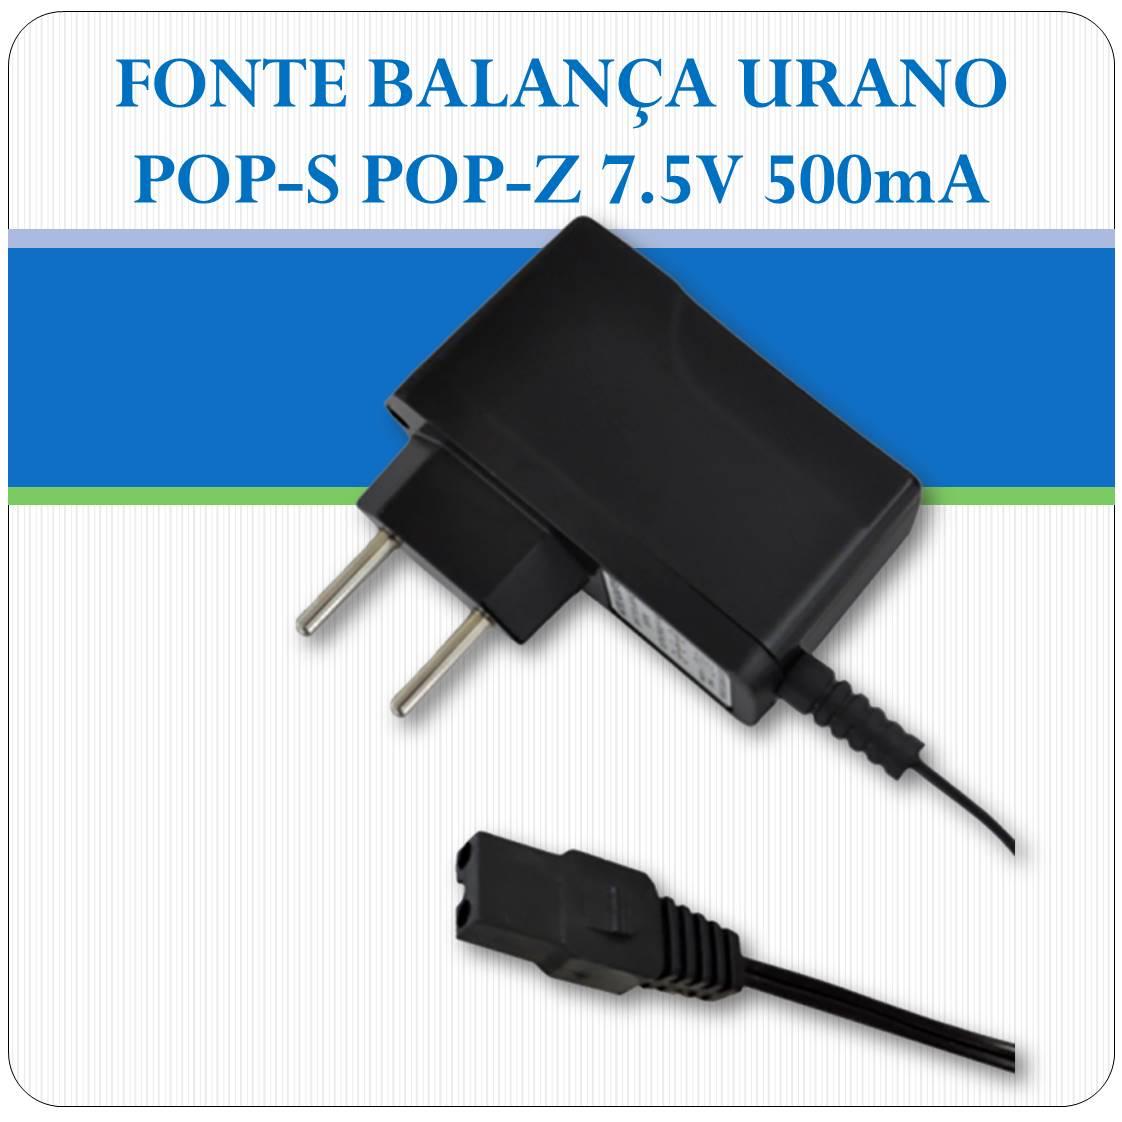 Fonte Balança Urano Pop Z ou Pop S 7.5V 500mA